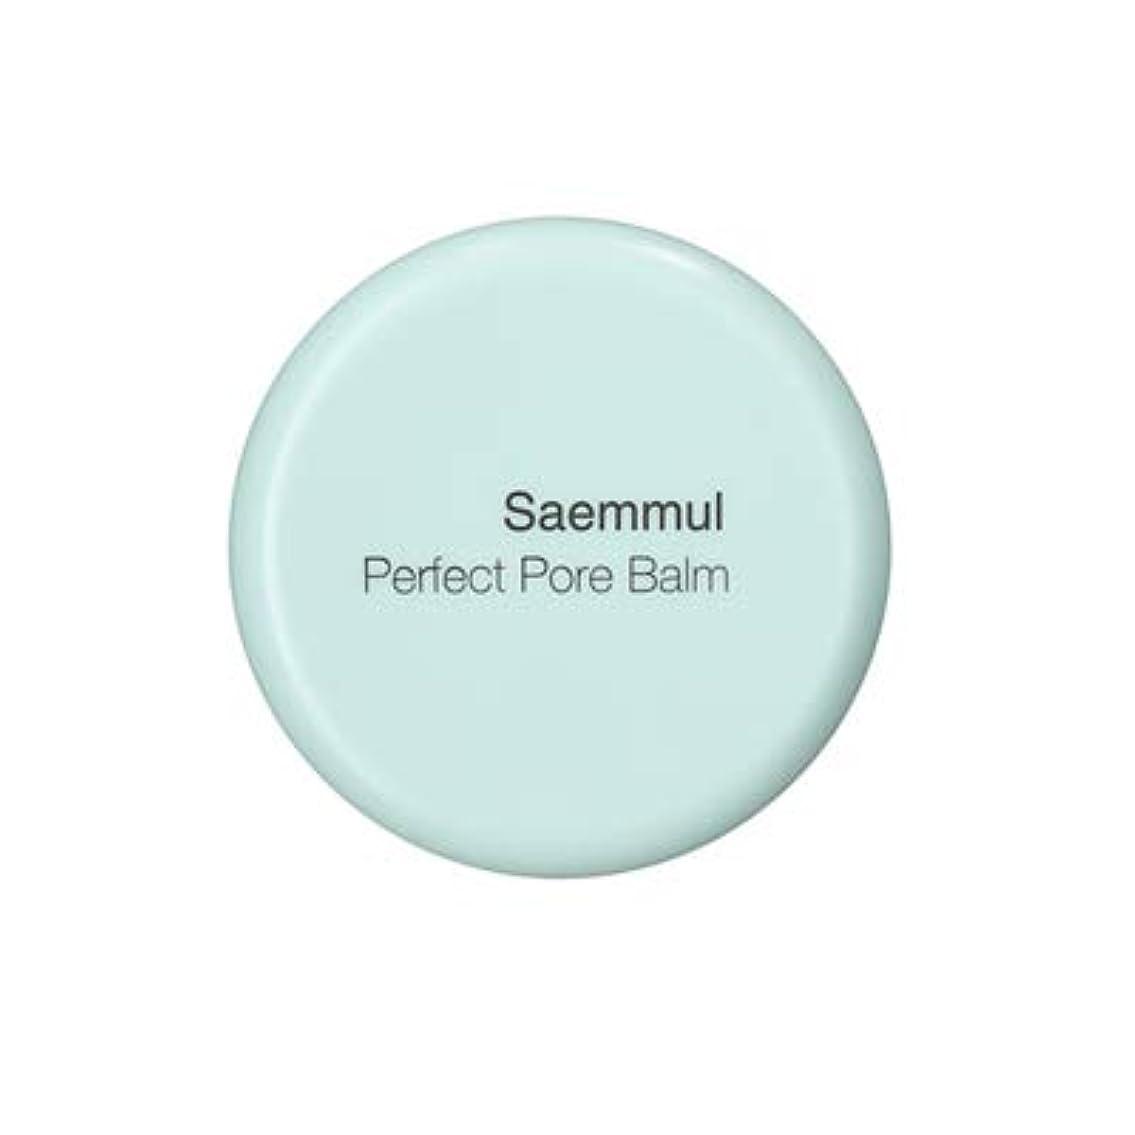 ハンカチ下位メロン【the SAEM】ザセム セムムル パーフェクト ポアバーム Saemmul Perfect Pore Balm 8g 韓国コスメ ポアカバー プレスト